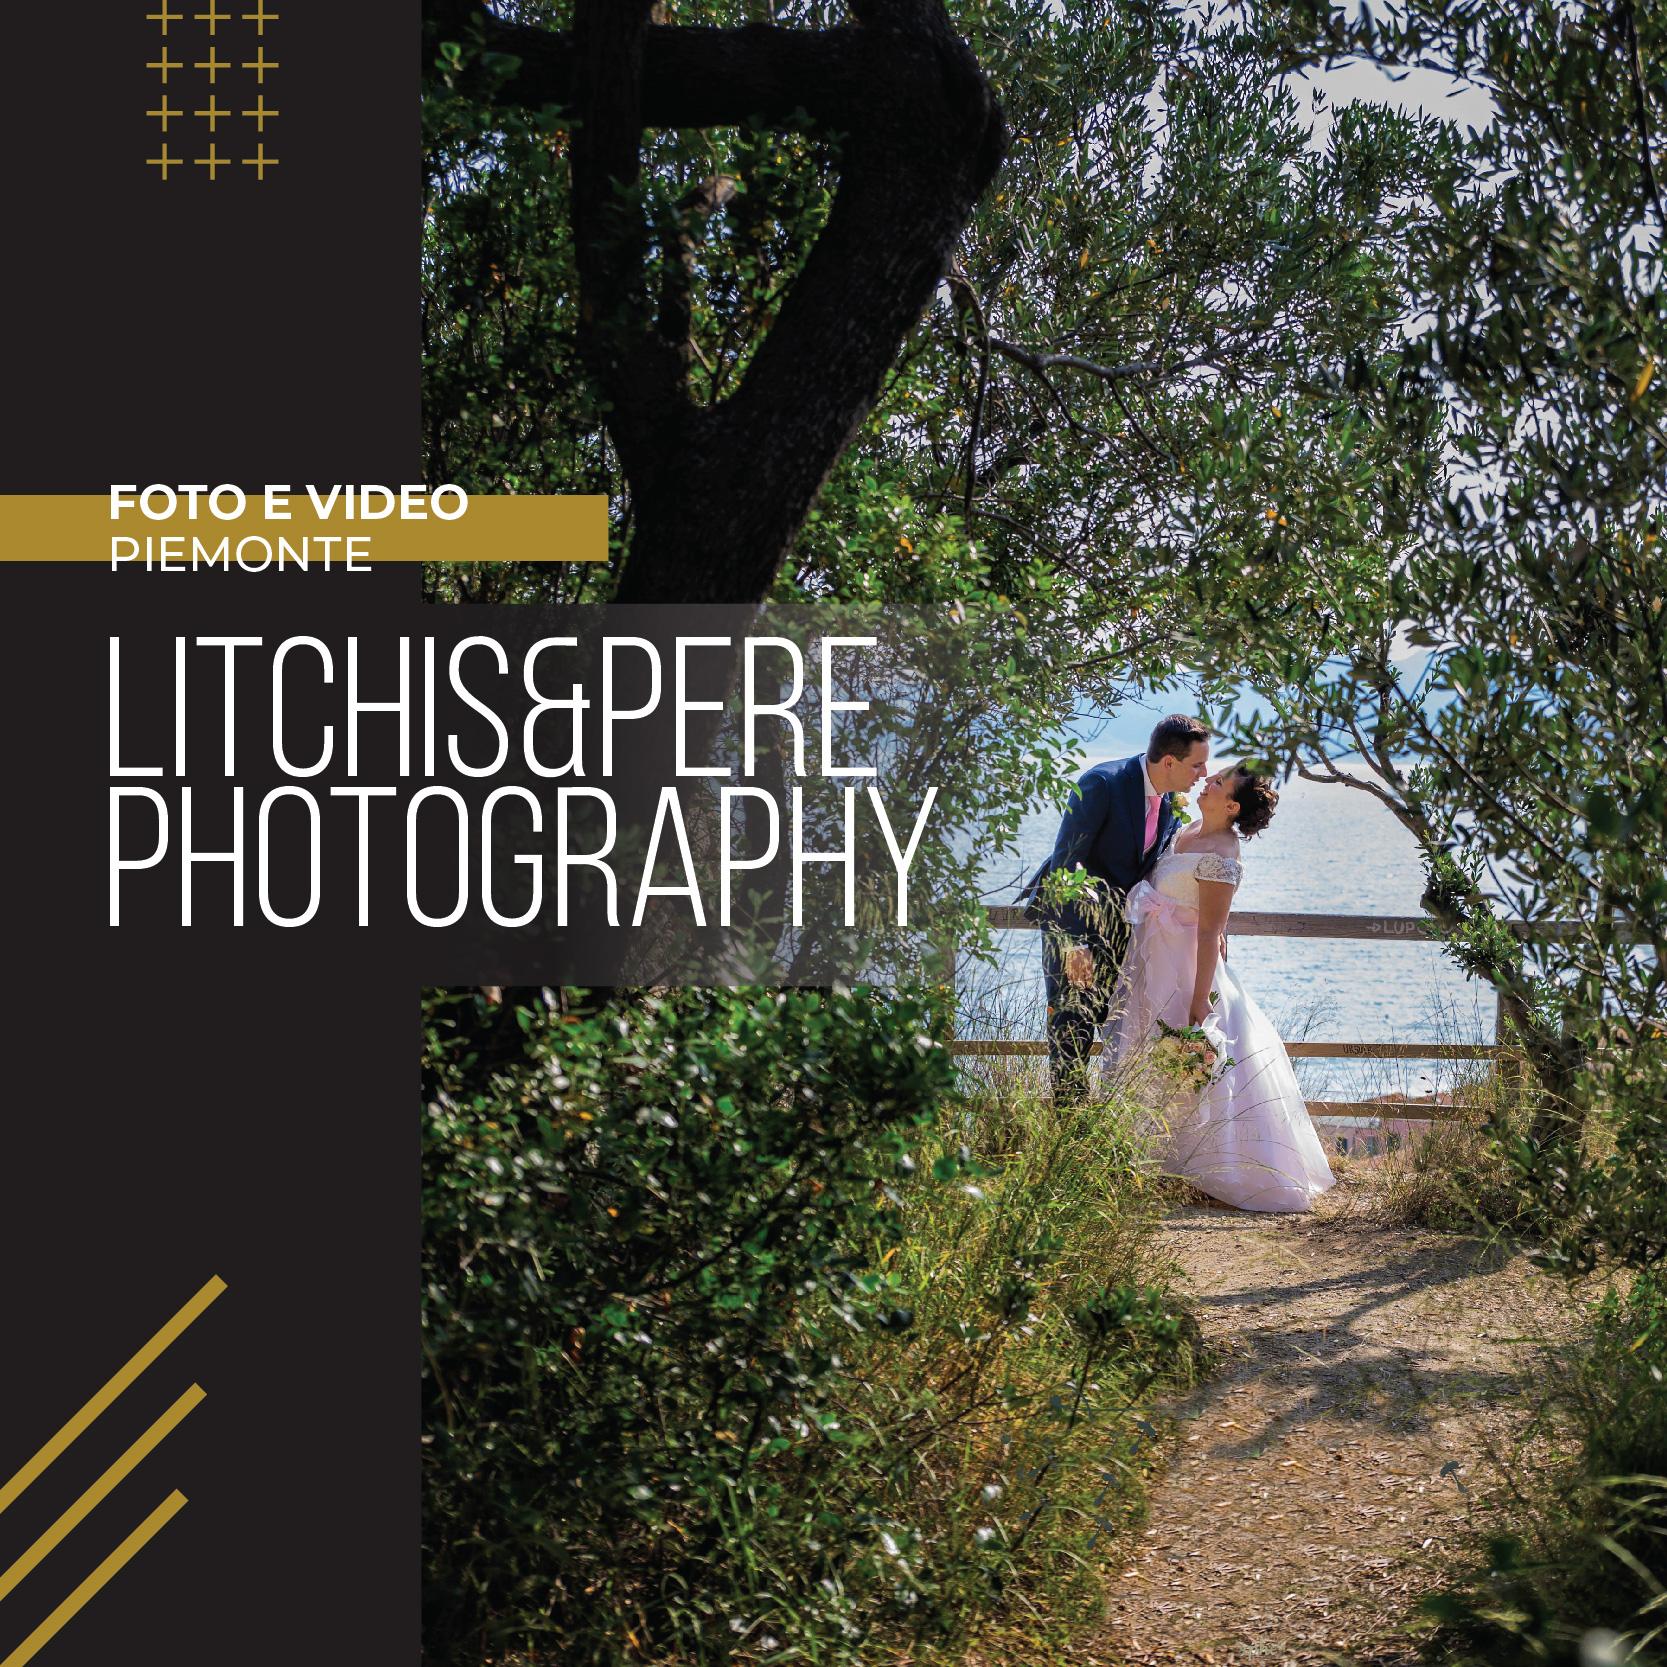 foto e video matrimonio piemonte wedding langhe roero servizio fotografico nozze scatto matto litchis e pere.jpg